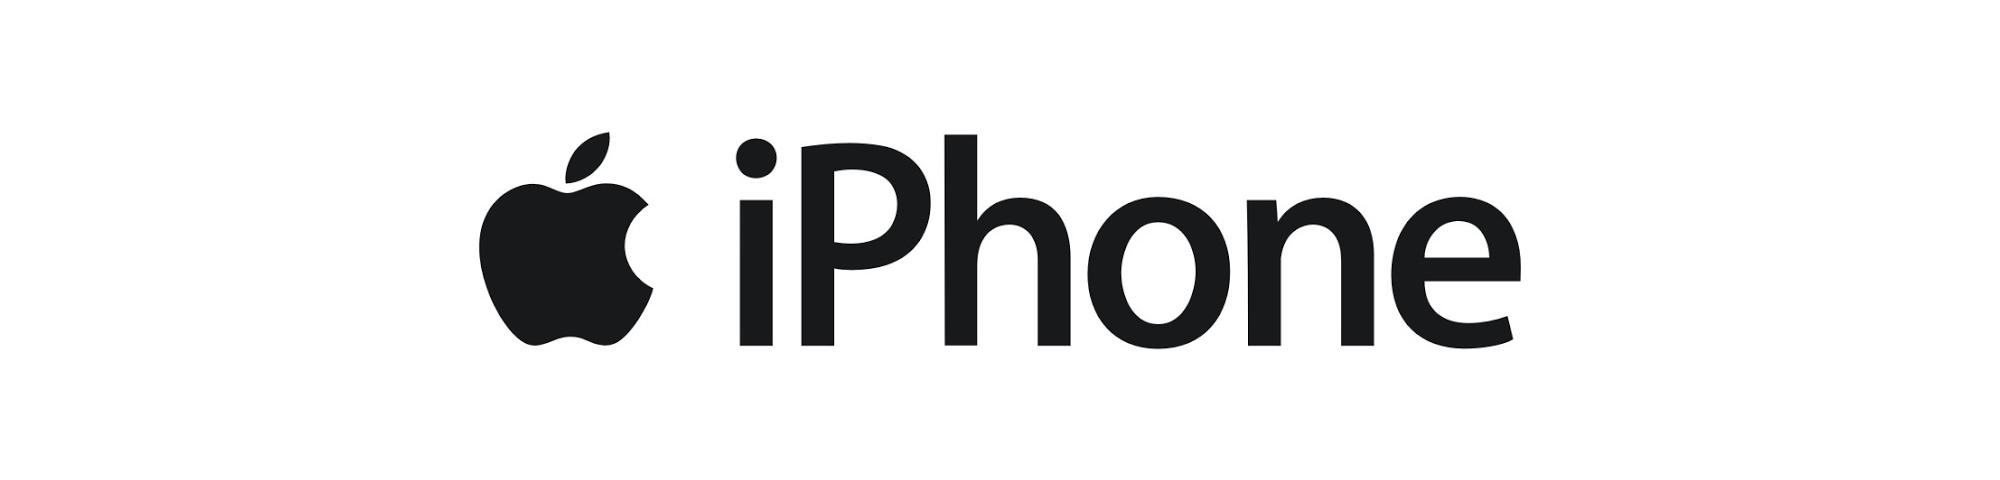 Неисправности и стоимость работ по ремонту iPhone